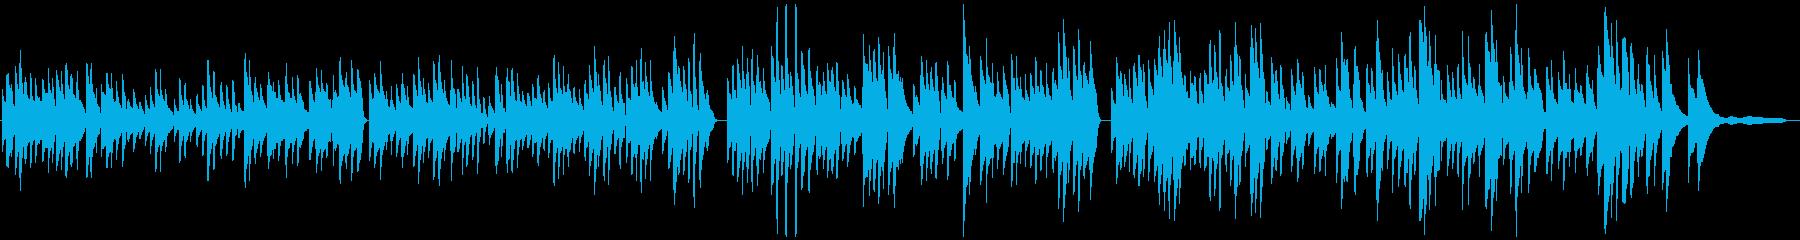 バッハBWV1013ピアノソロの再生済みの波形